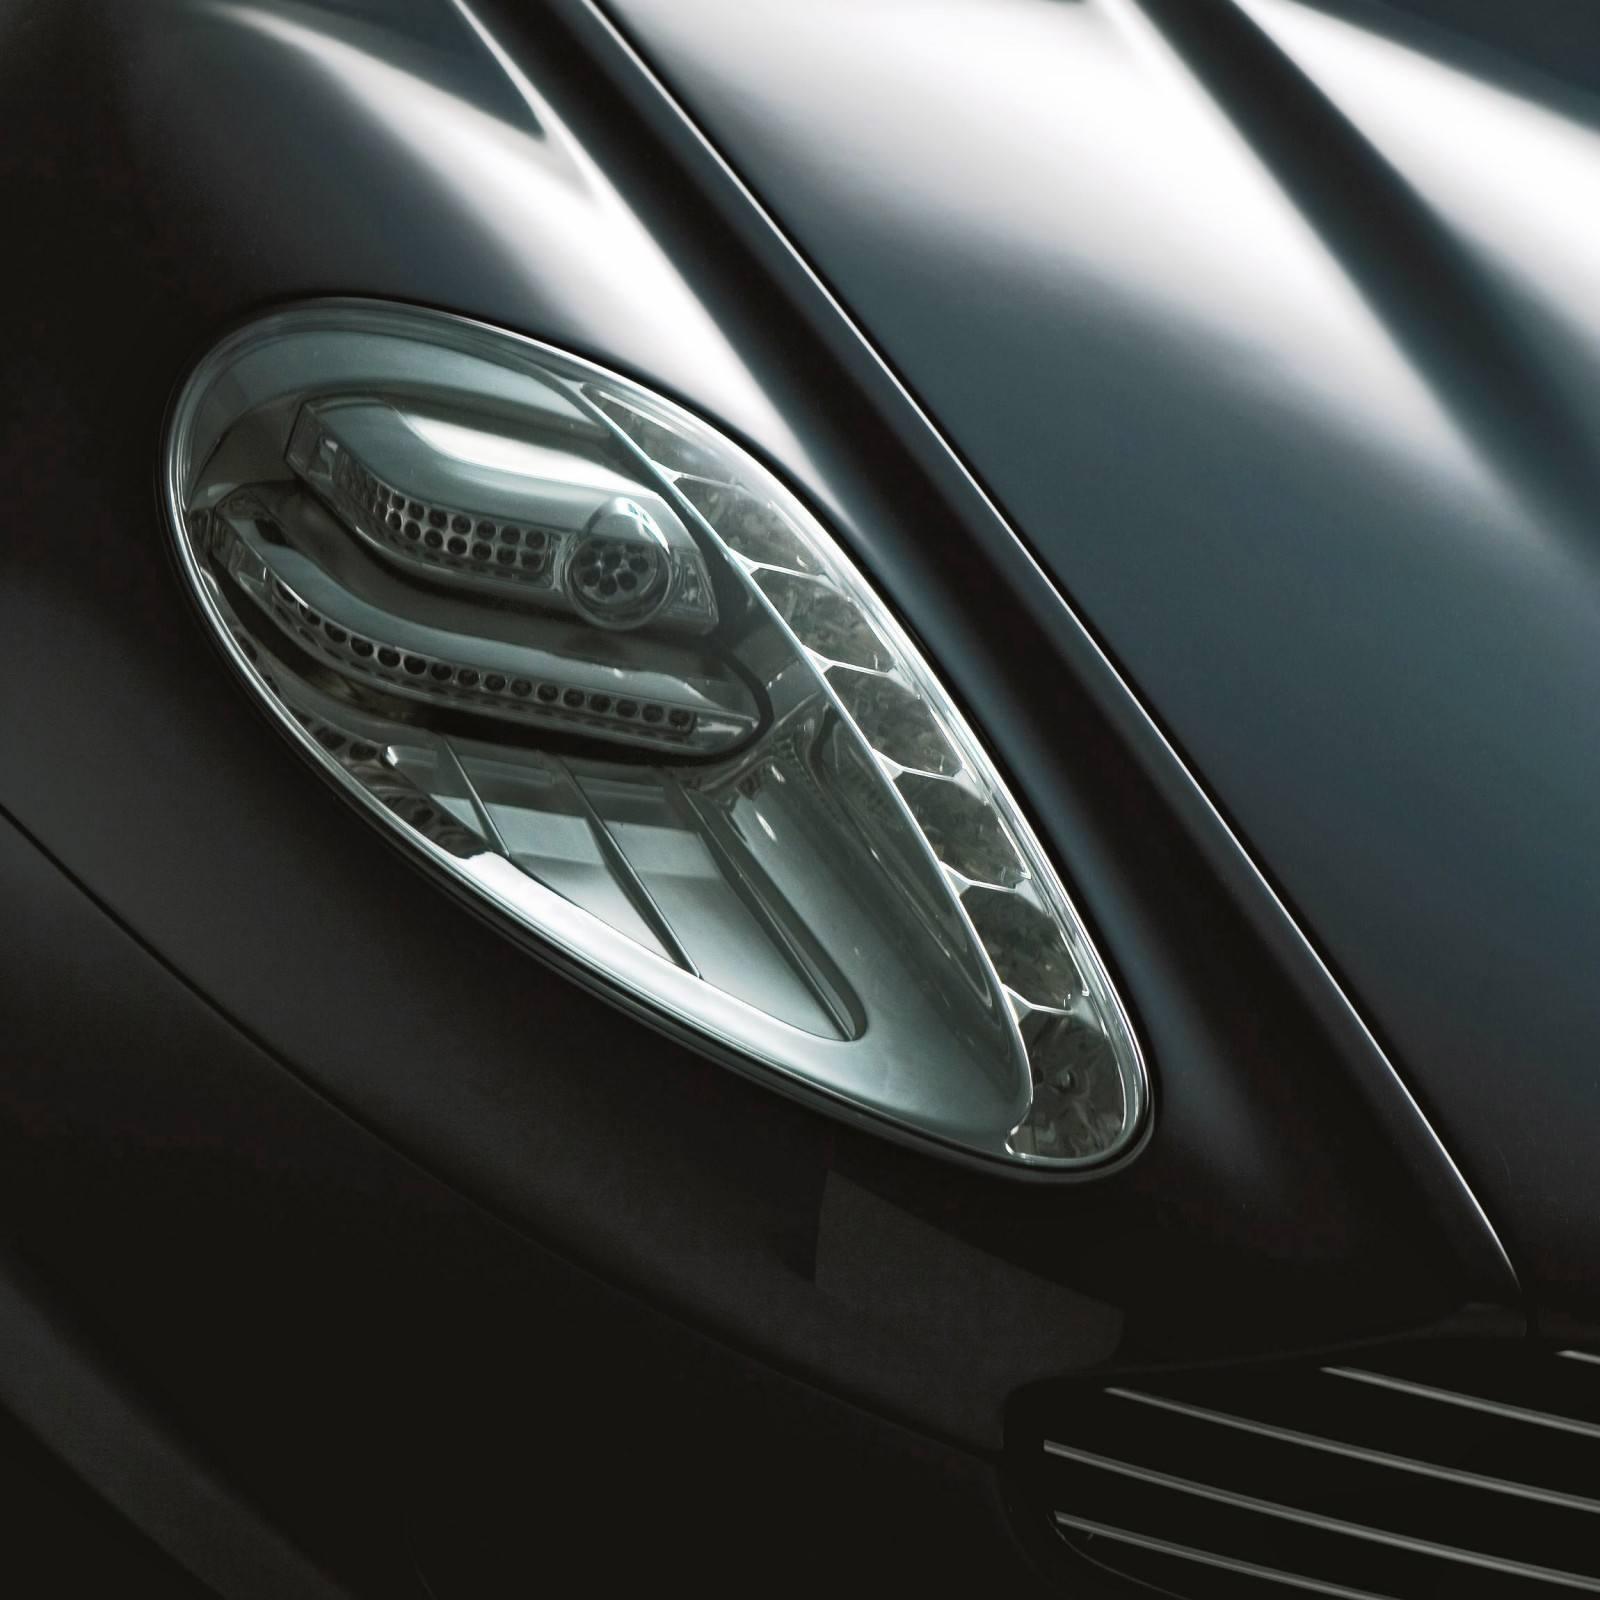 Aston Martin Concept: 2006 Aston Martin Rapide Concept